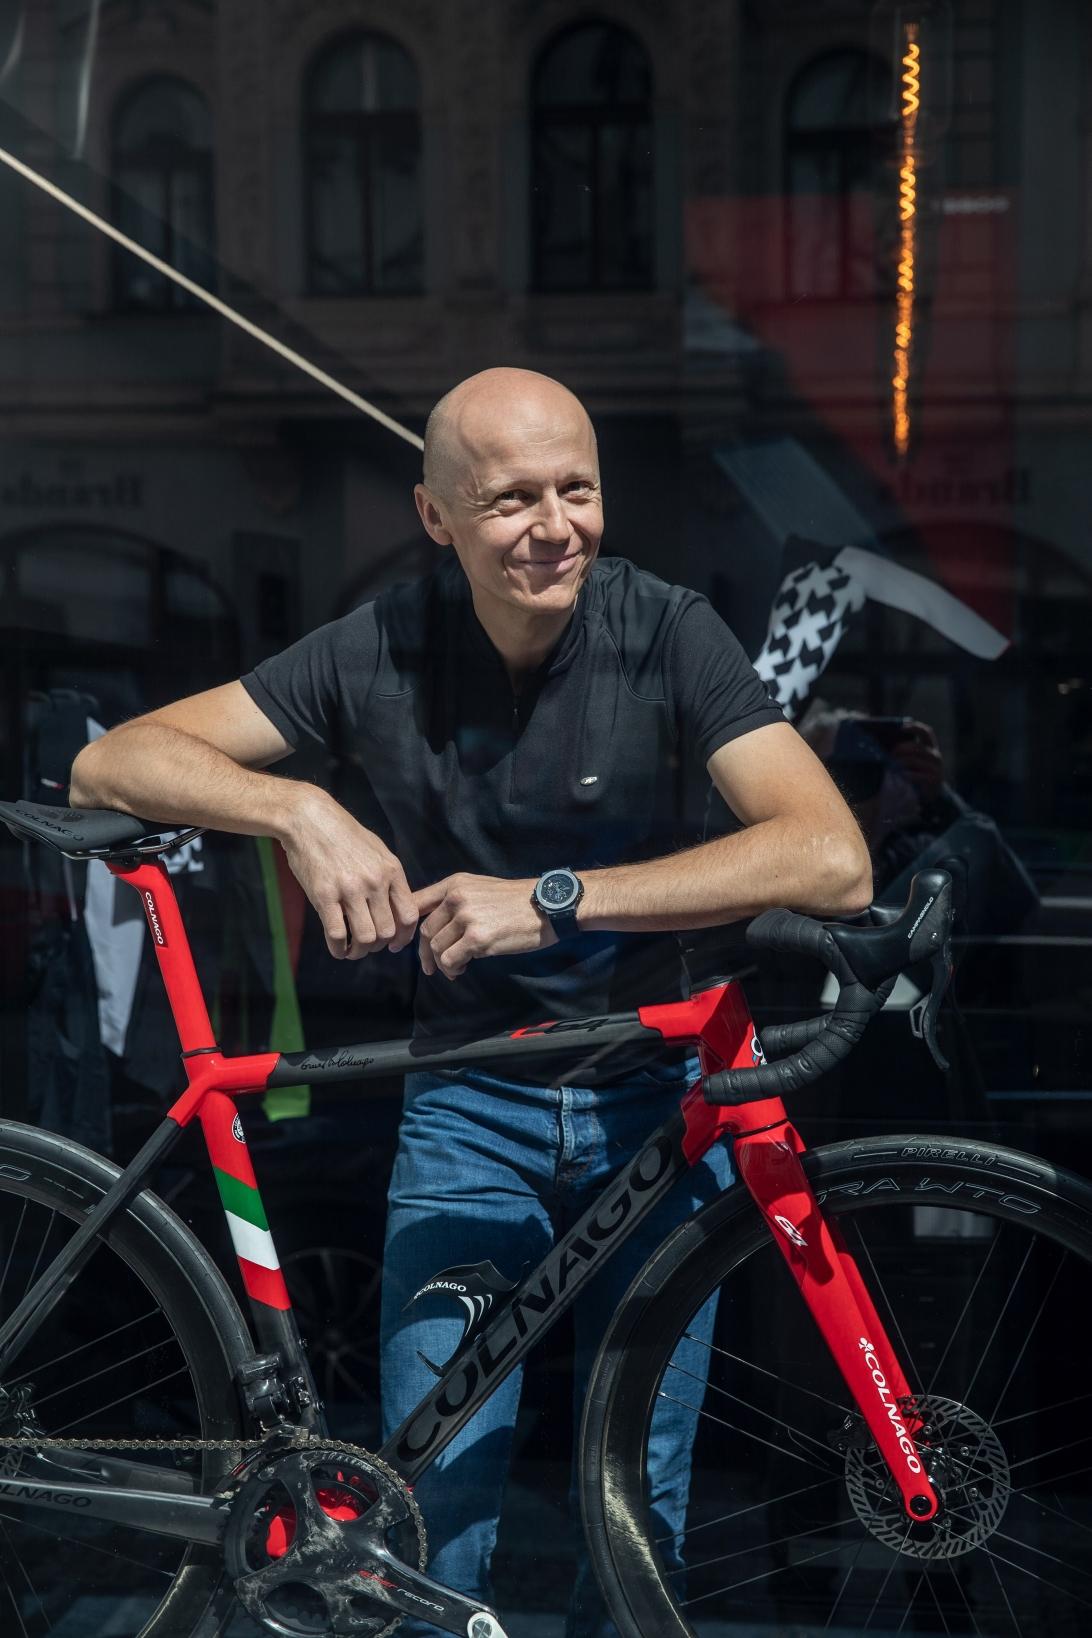 Vladan Hájek i v době pandemie koronaviru realizoval záměr otevřít v centru Prahy specializovaný cyklistický obchod.